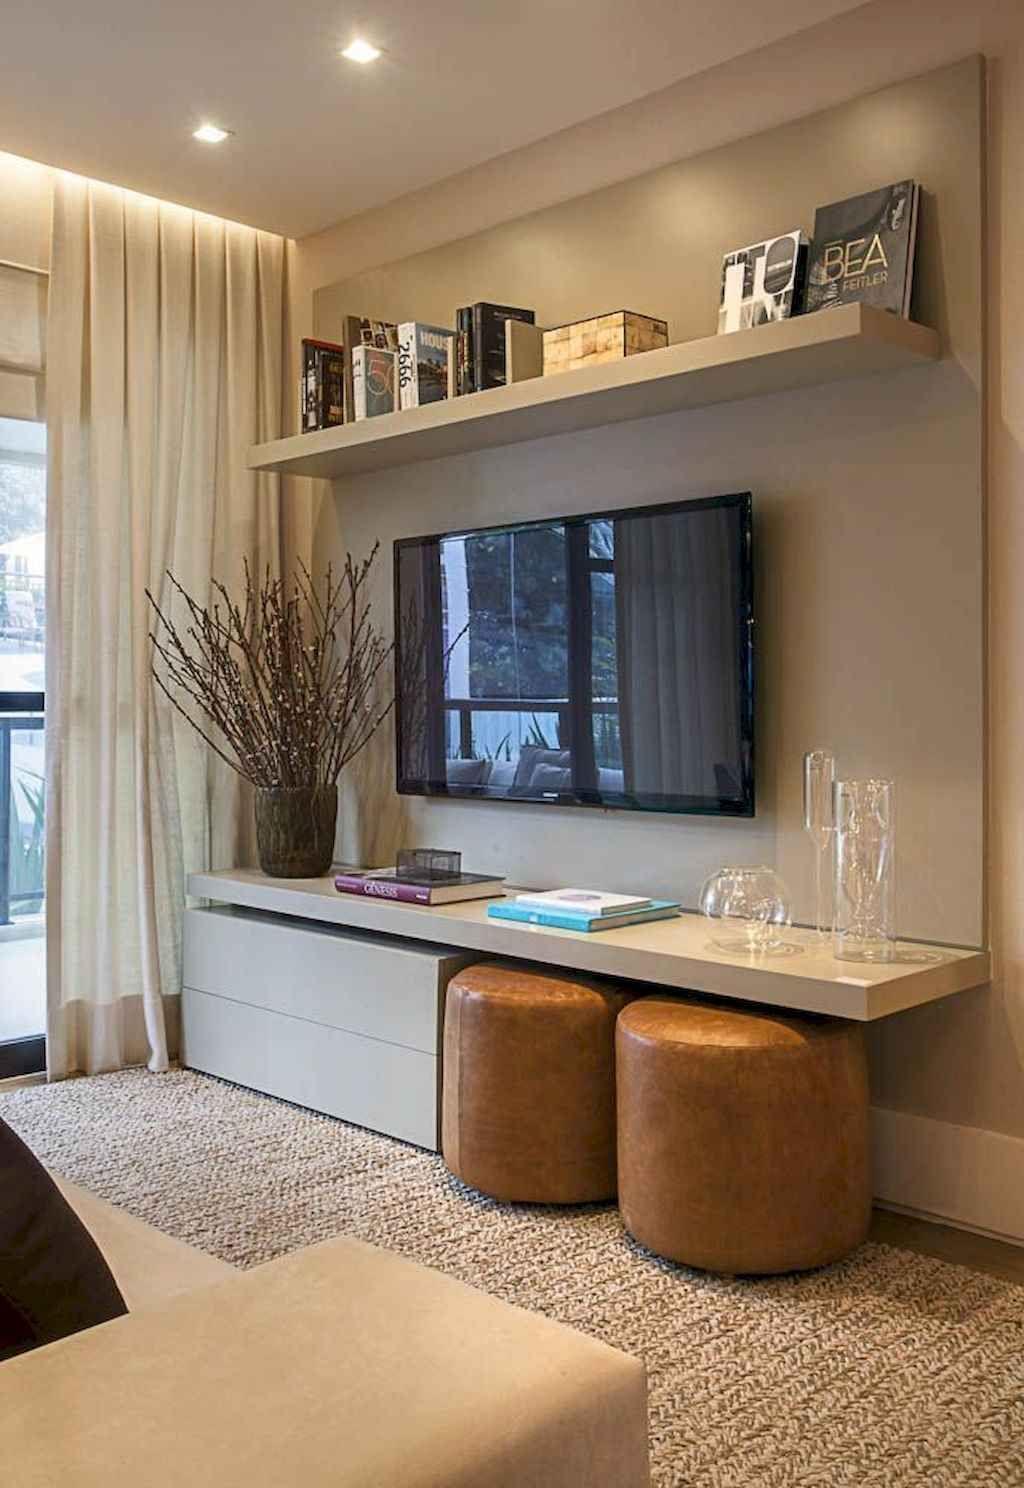 75 Cozy Apartment Living Room Decorating Ideas On A Budget Spaciroom Com Small Living Room Decor Ikea Hack Living Room Trendy Living Rooms